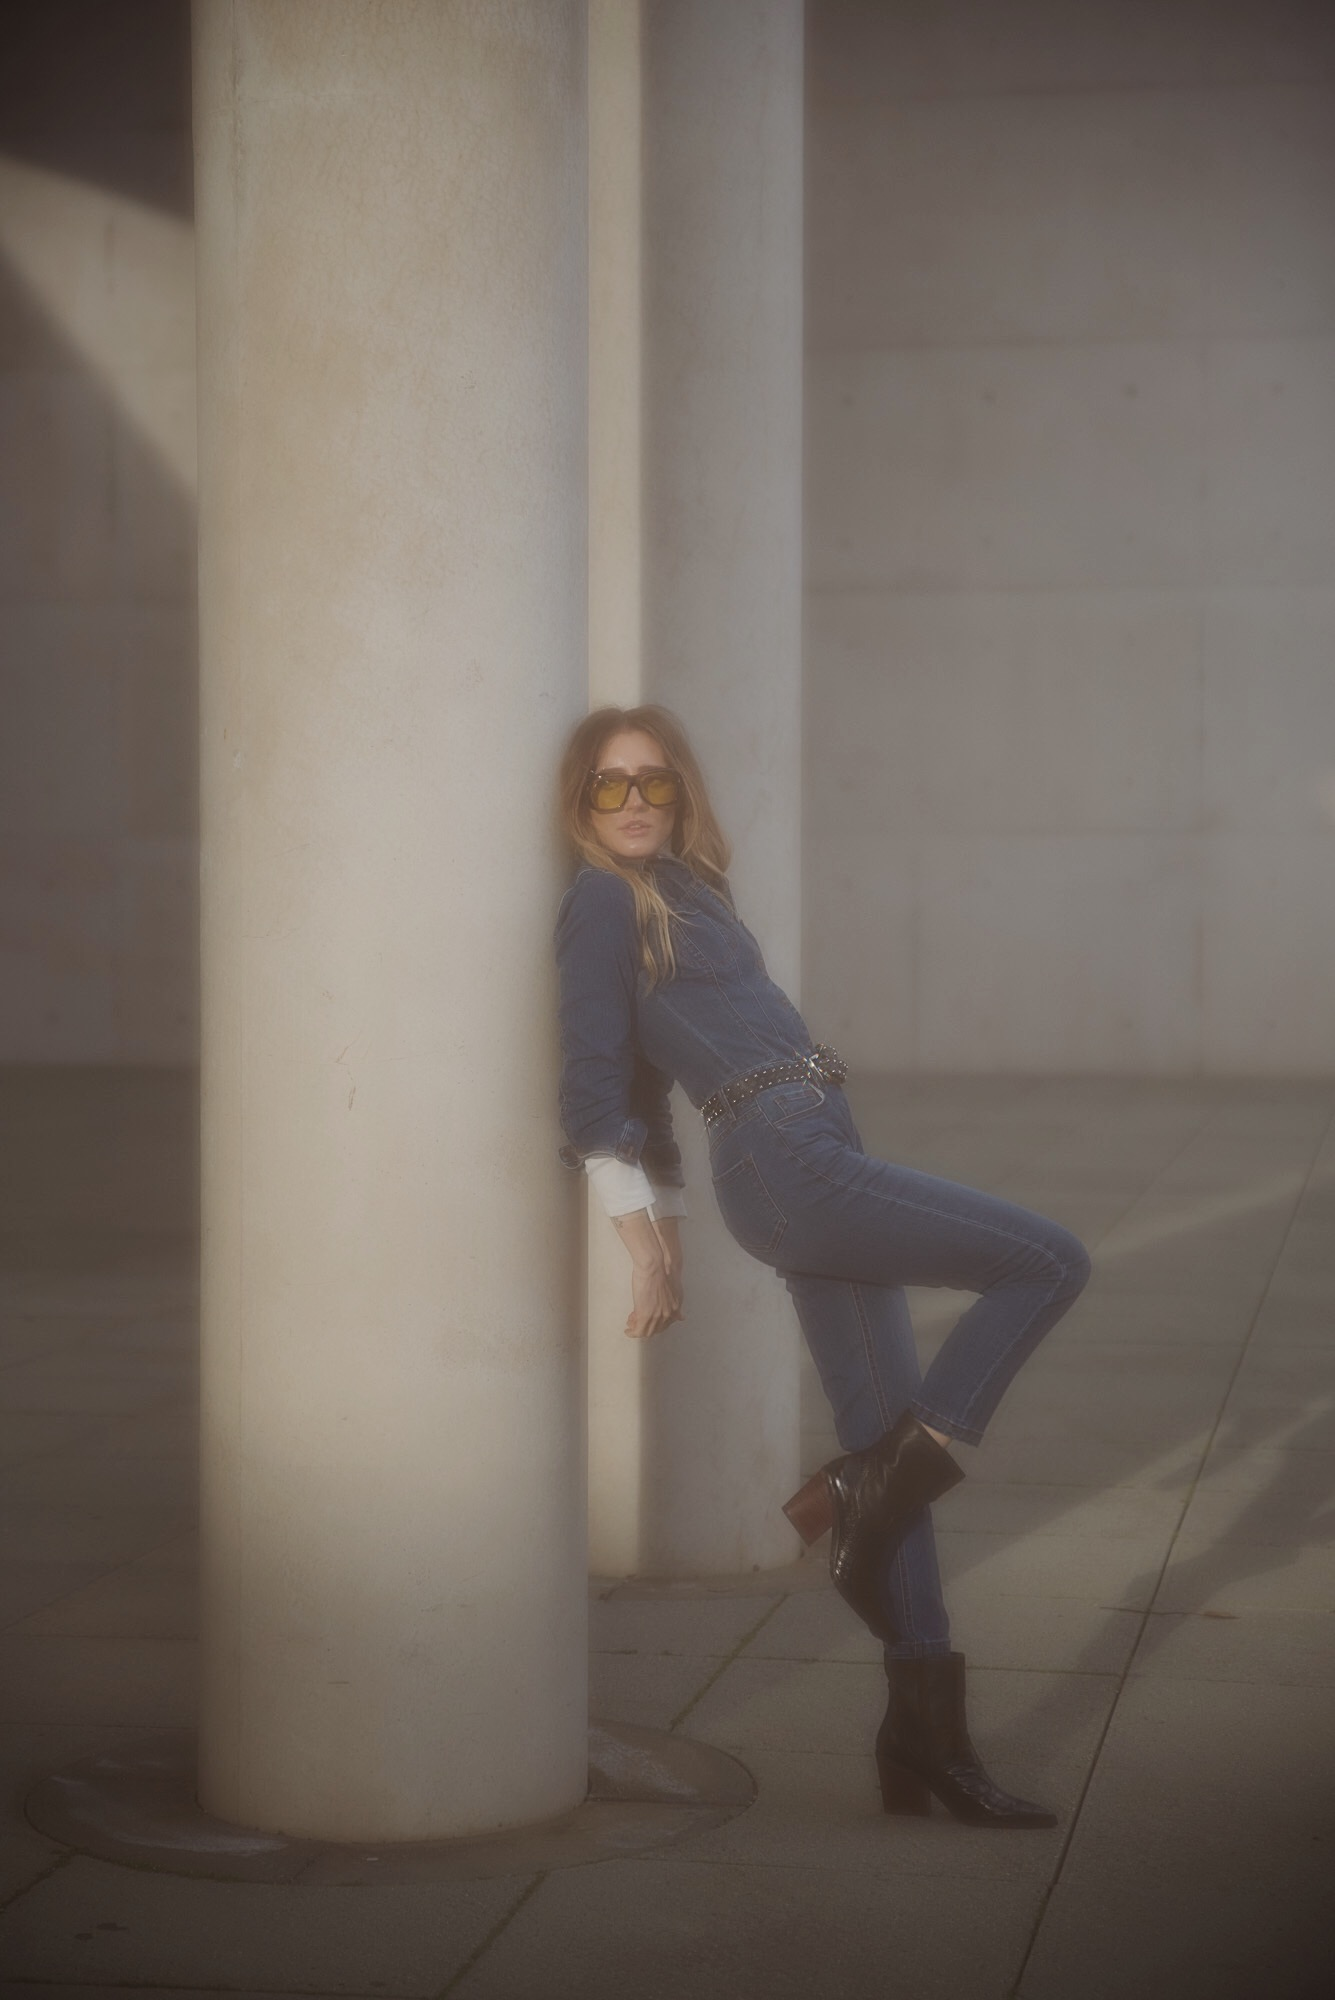 Denim Overall | Lisa Fiege | Blog & Content Creation | Köln